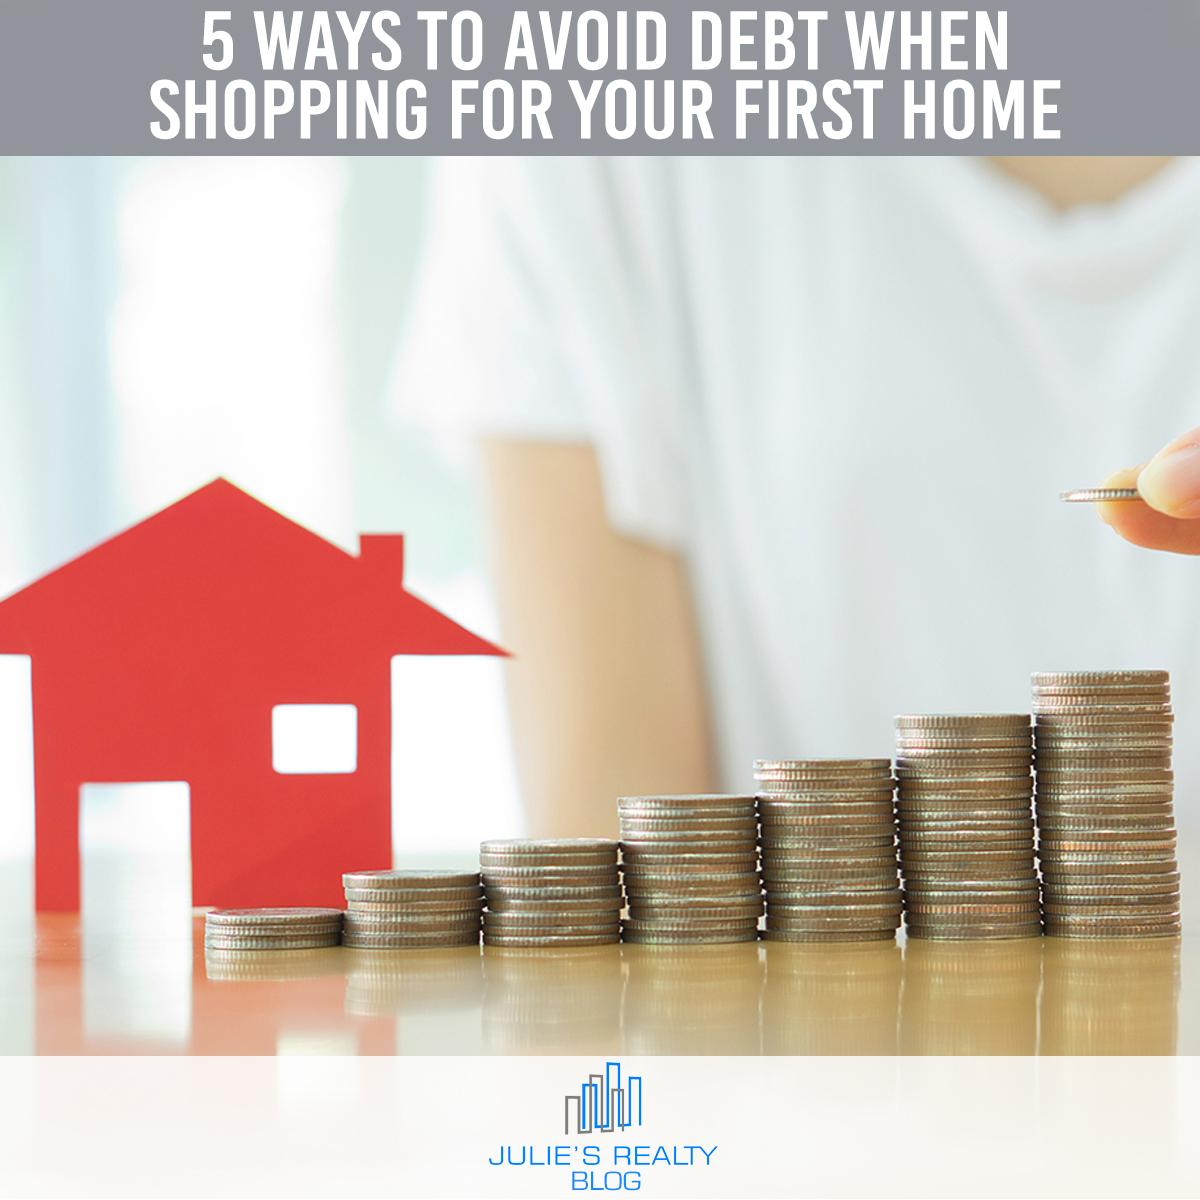 5 ways to avoid debt.jpg